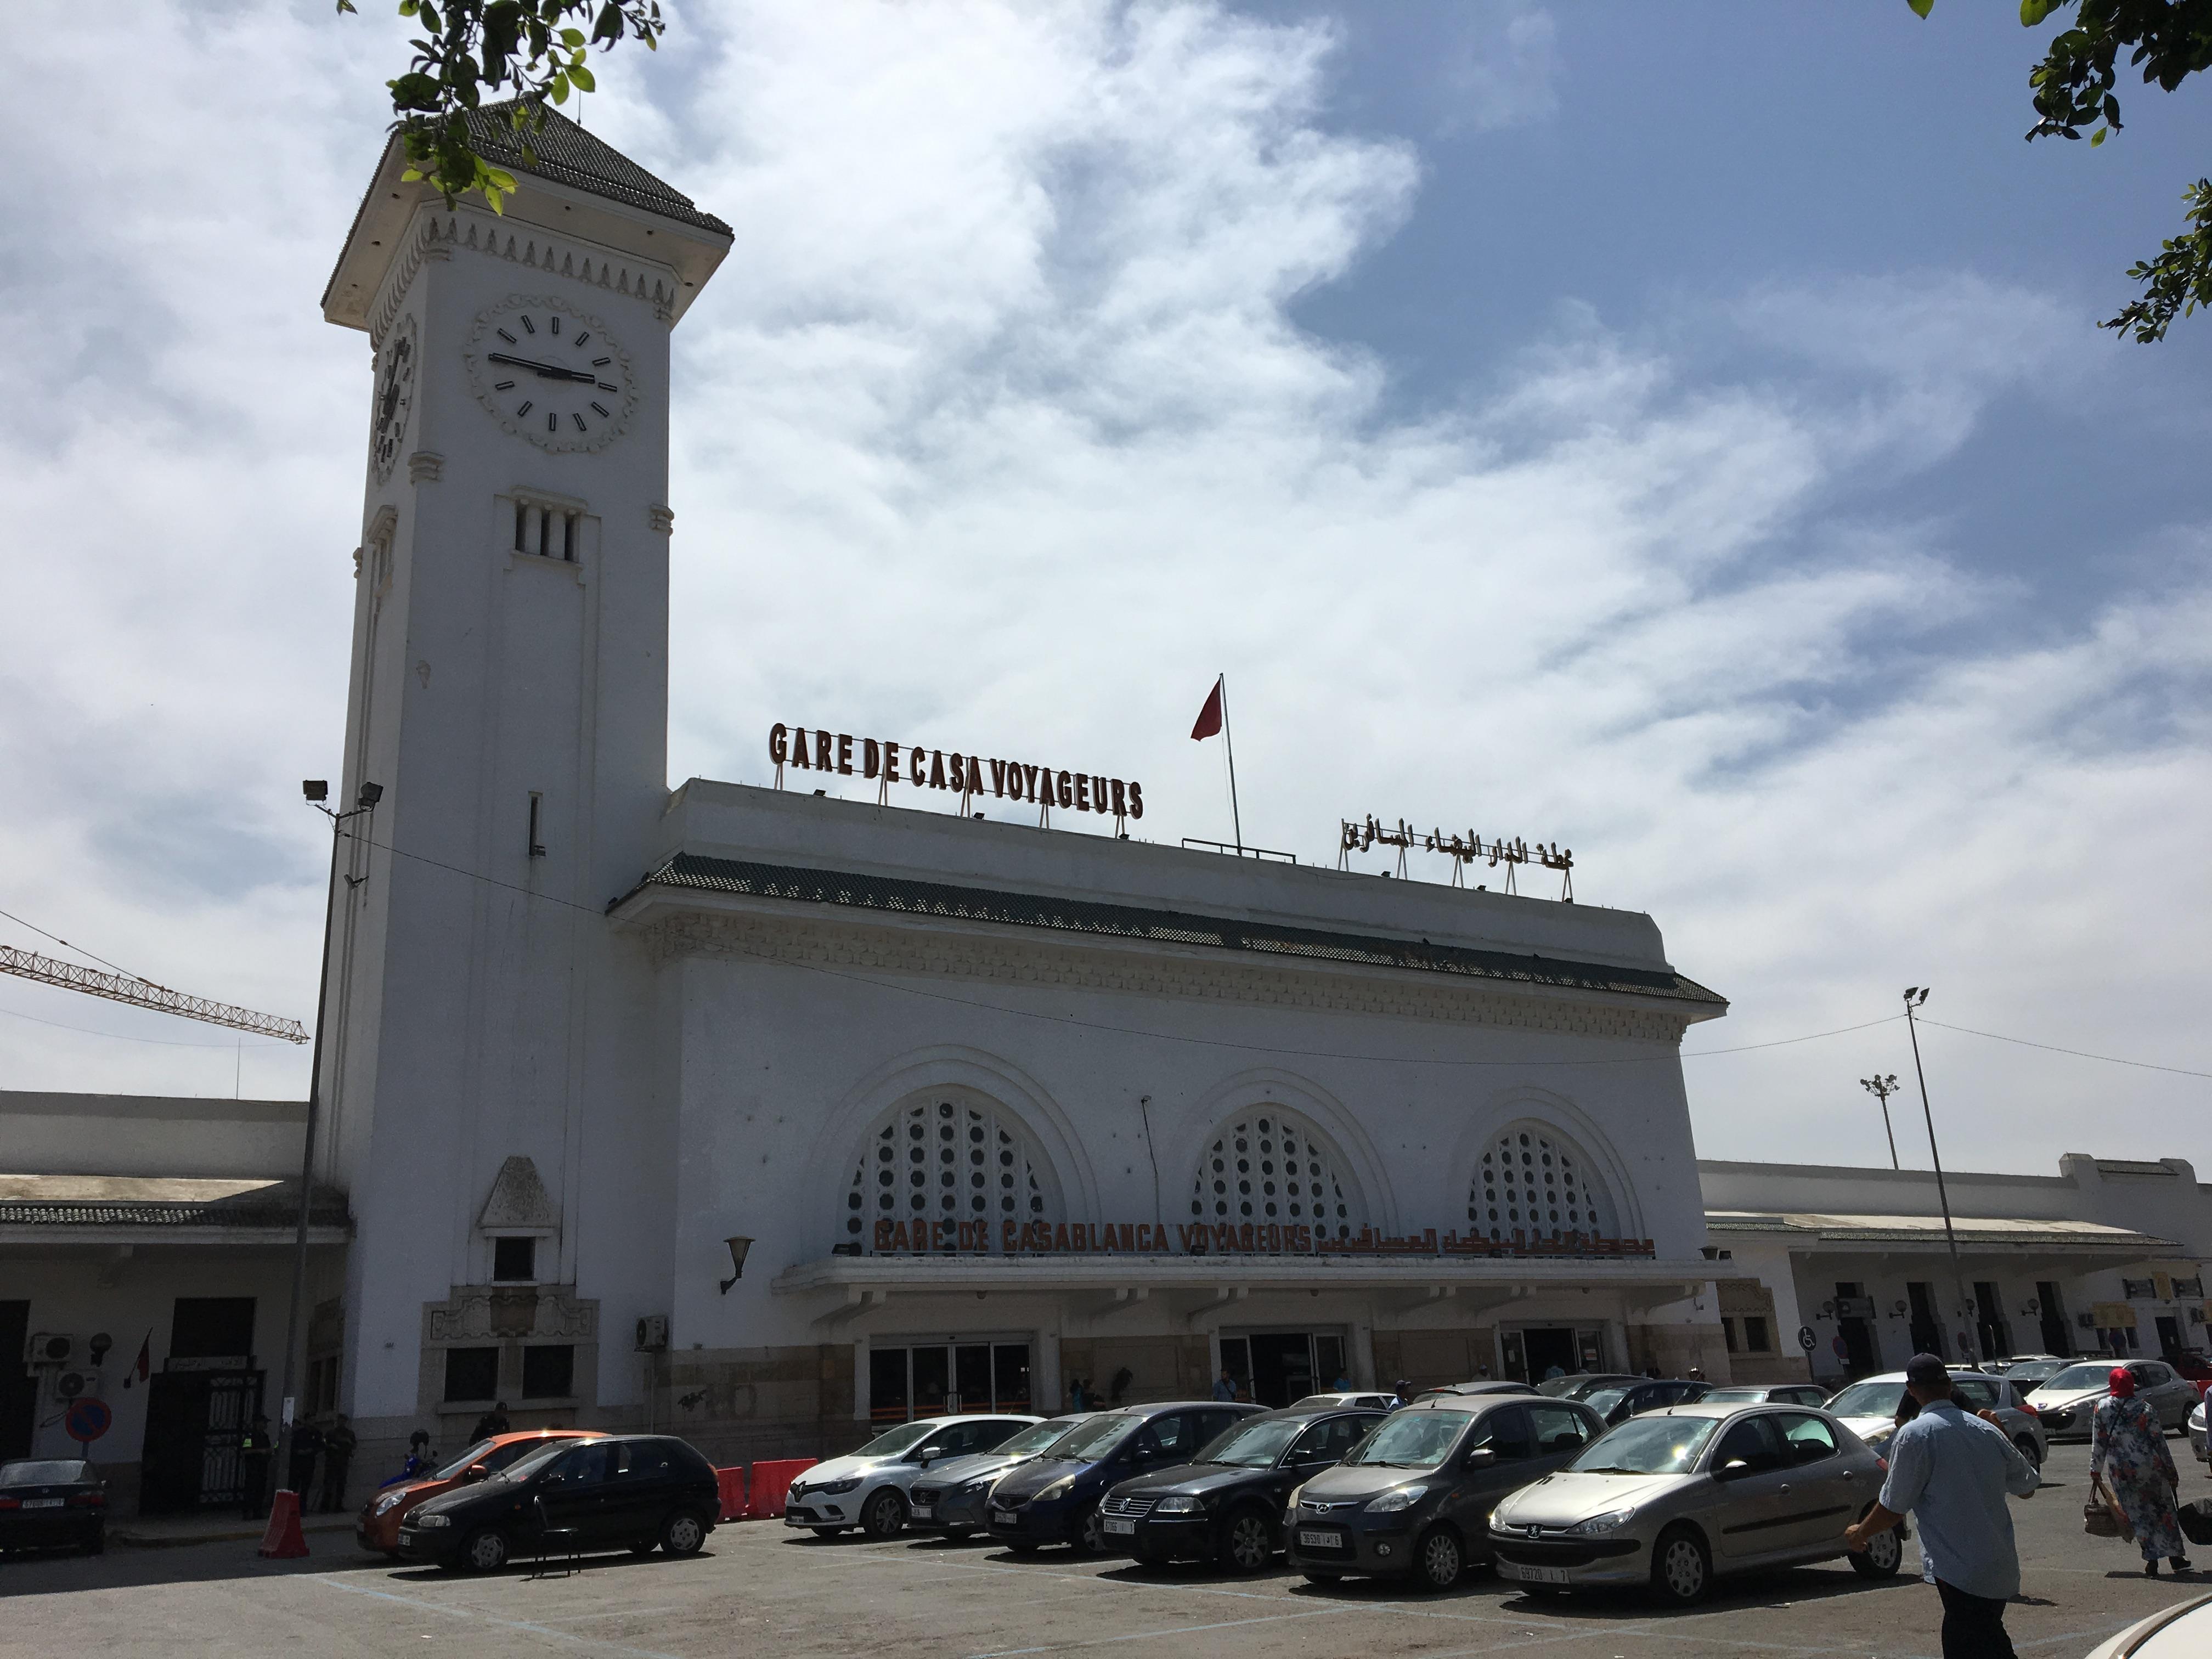 Reizen met openbaar vervoer in Marokko